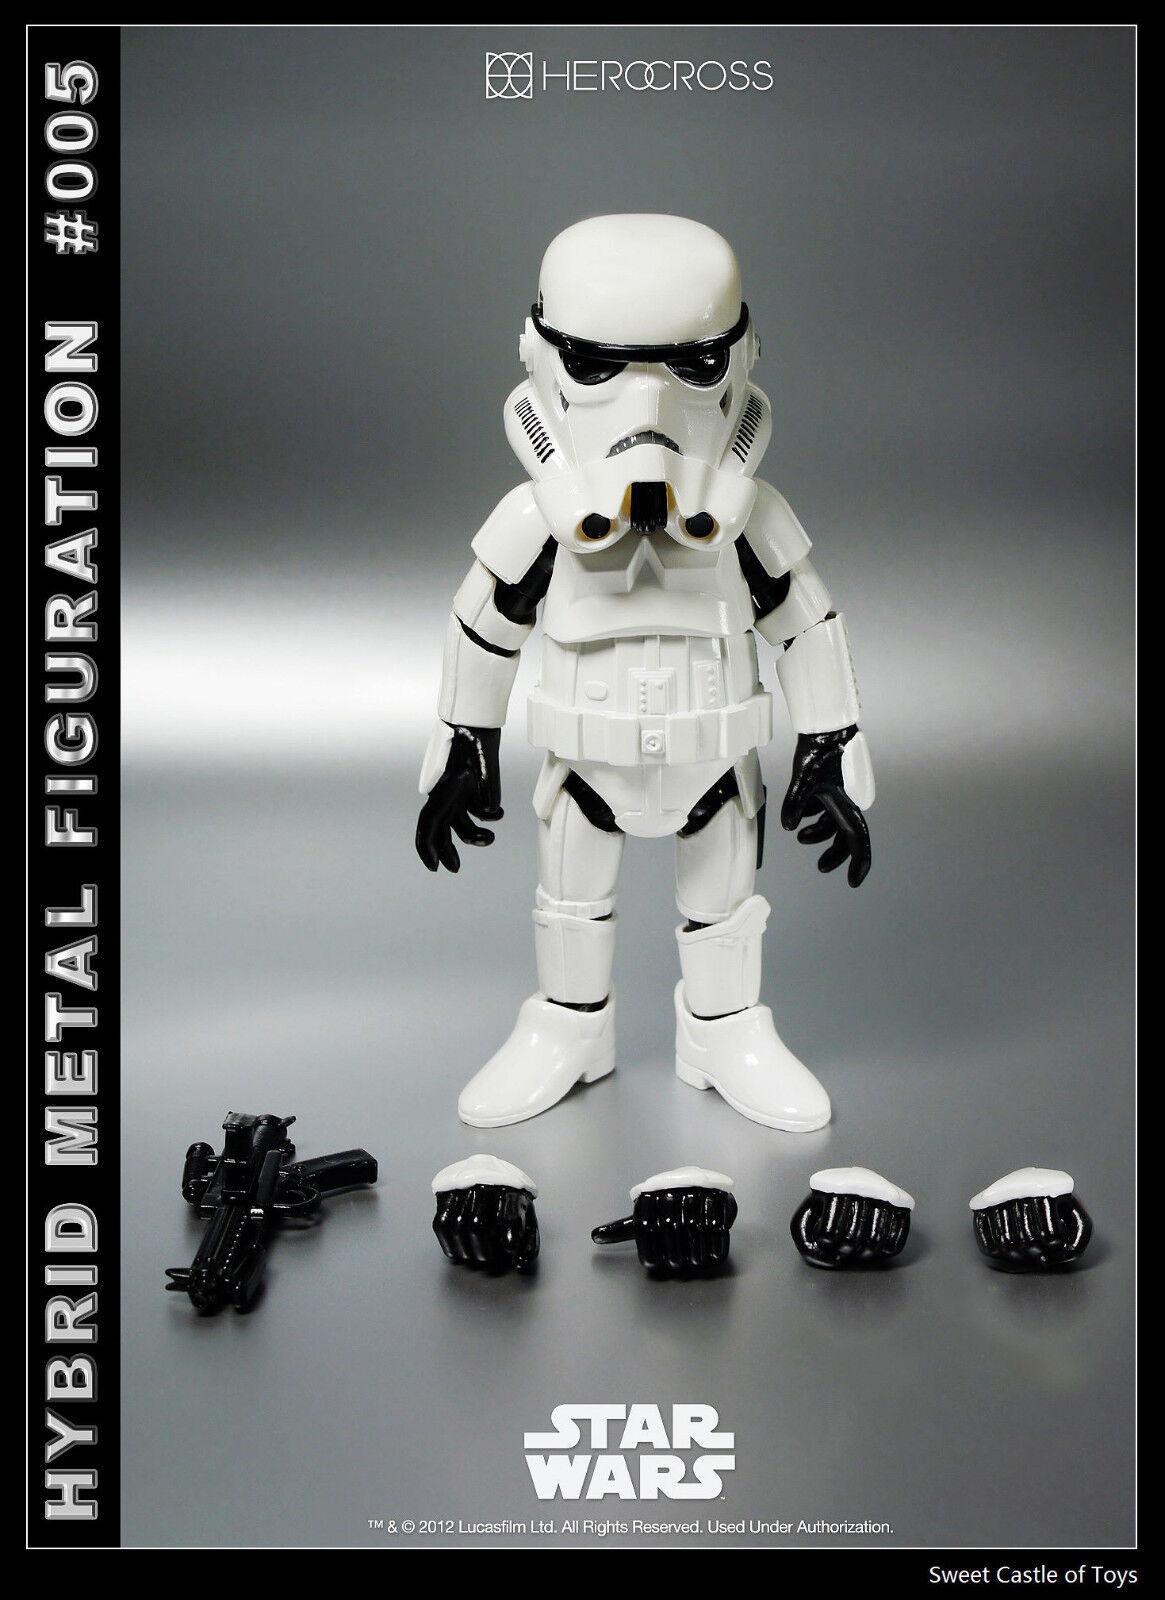 86 held herocross - 5,5  hybrid - metal - star - wars - figuration in   005 stormtrooper